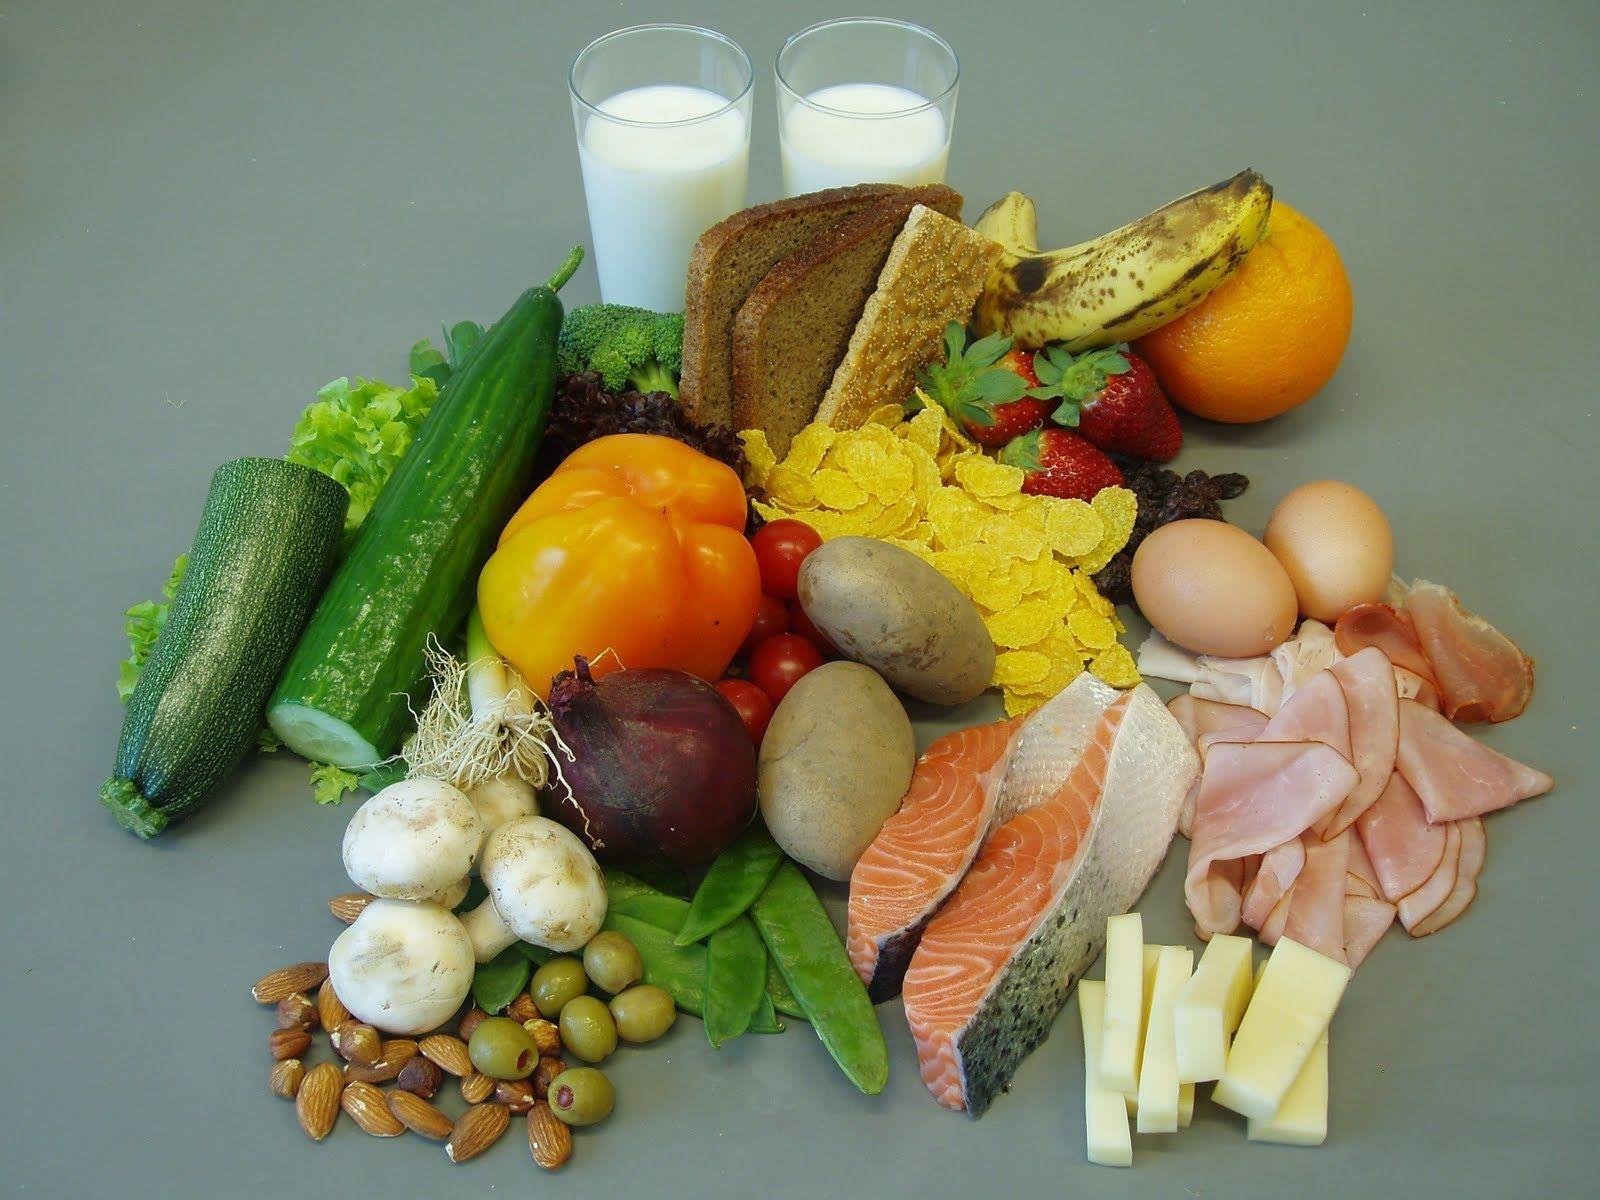 Algun medicamento homeopatico para bajar de peso picture 10